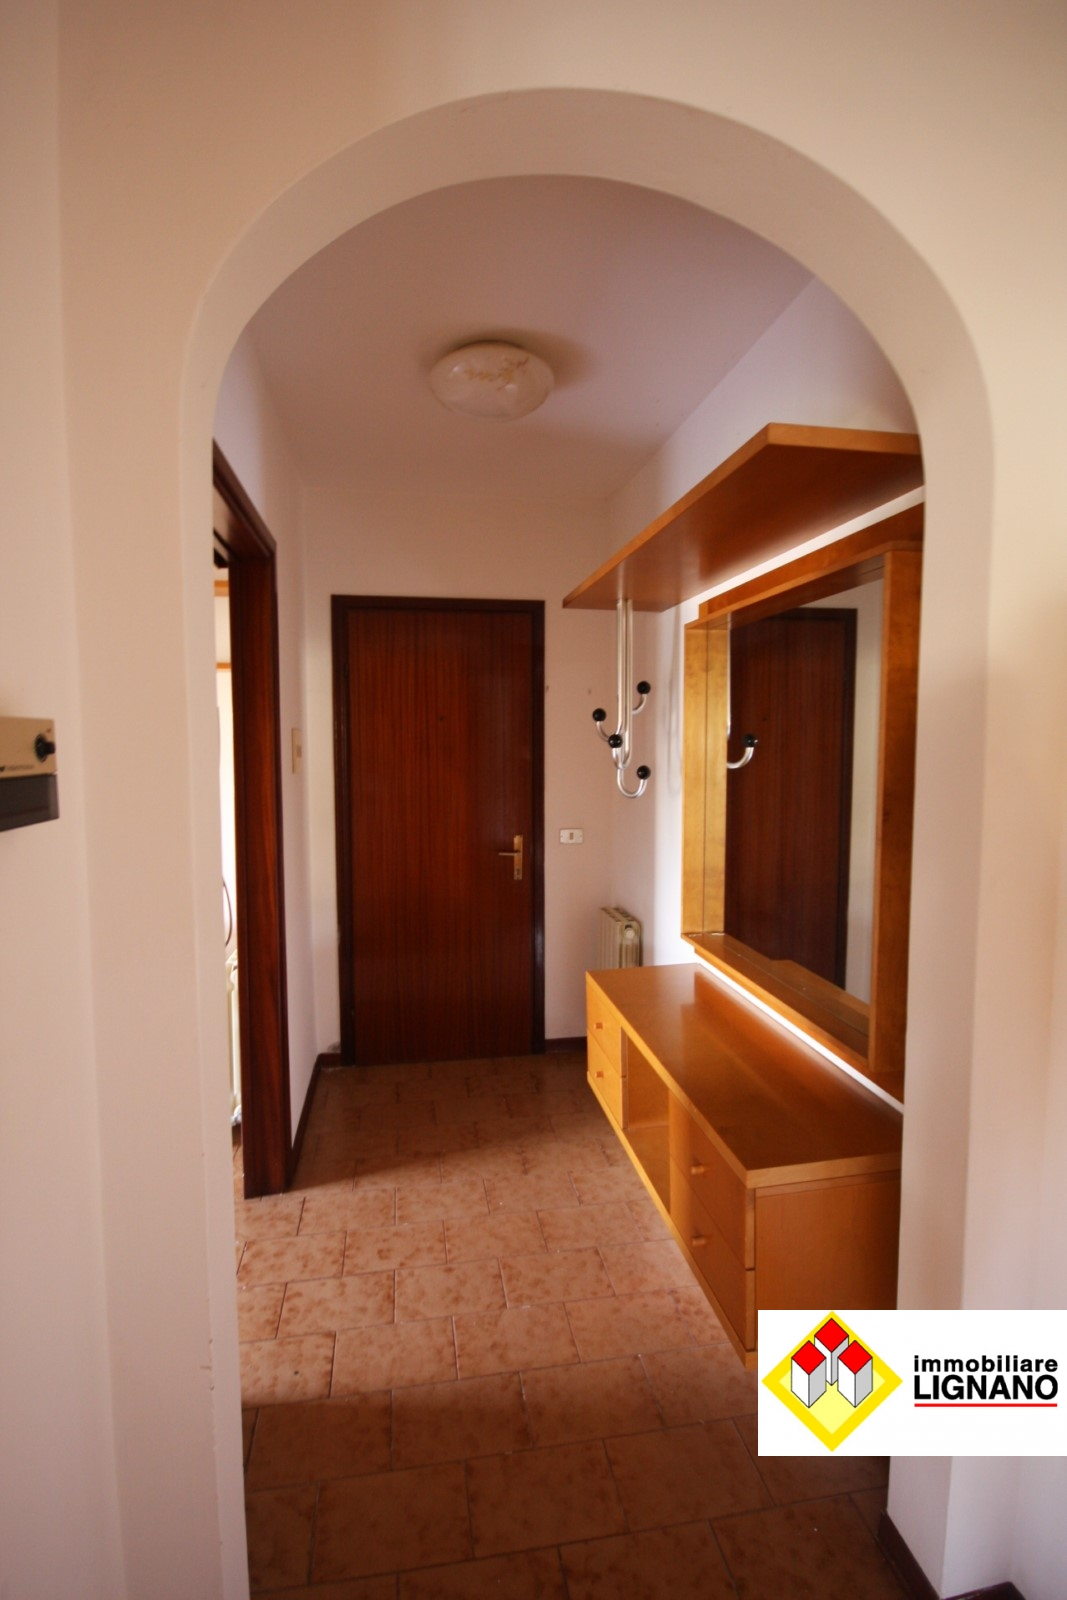 Appartamento in vendita a Ronchis, 5 locali, prezzo € 79.000   Cambio Casa.it